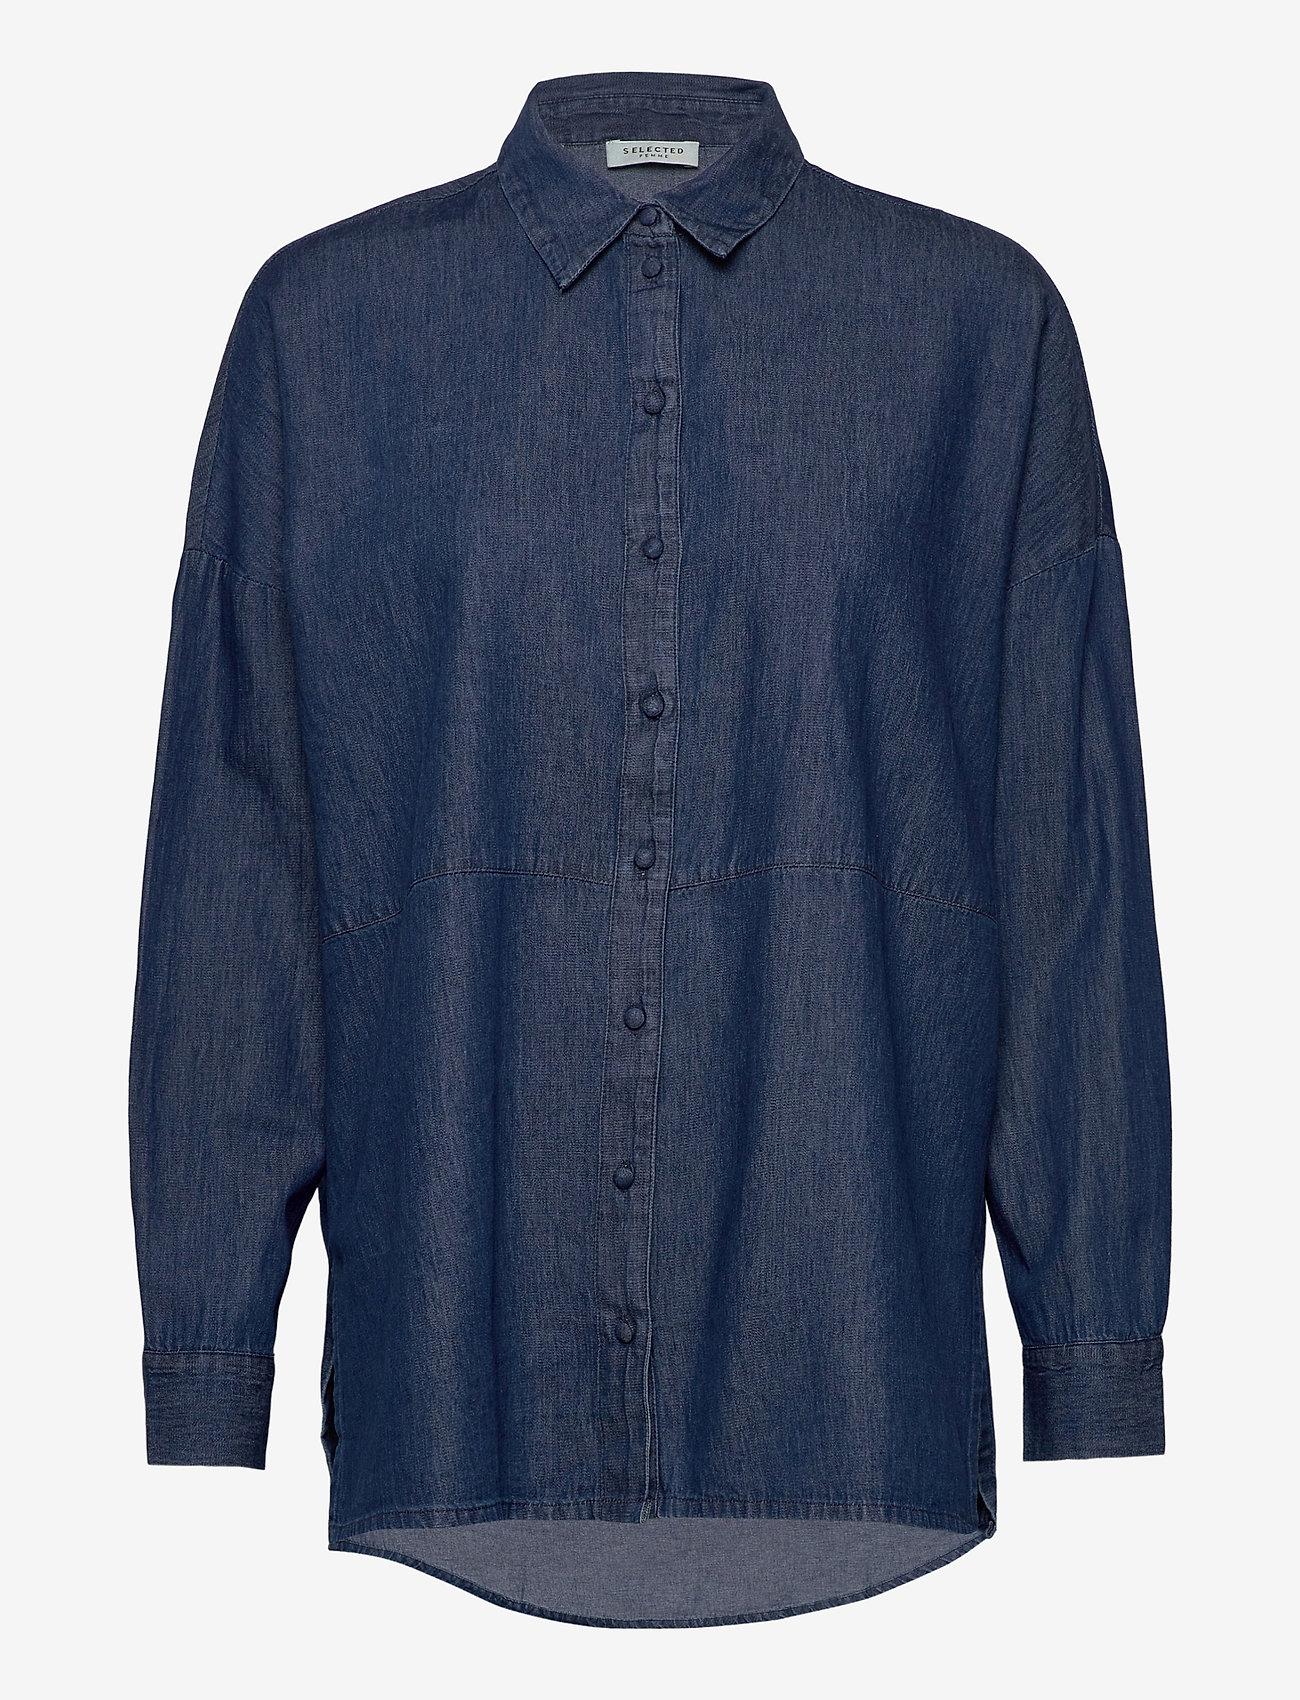 Selected Femme - SLFMIRANDA LS SLIT SHIRT W - jeansblouses - medium blue denim - 0